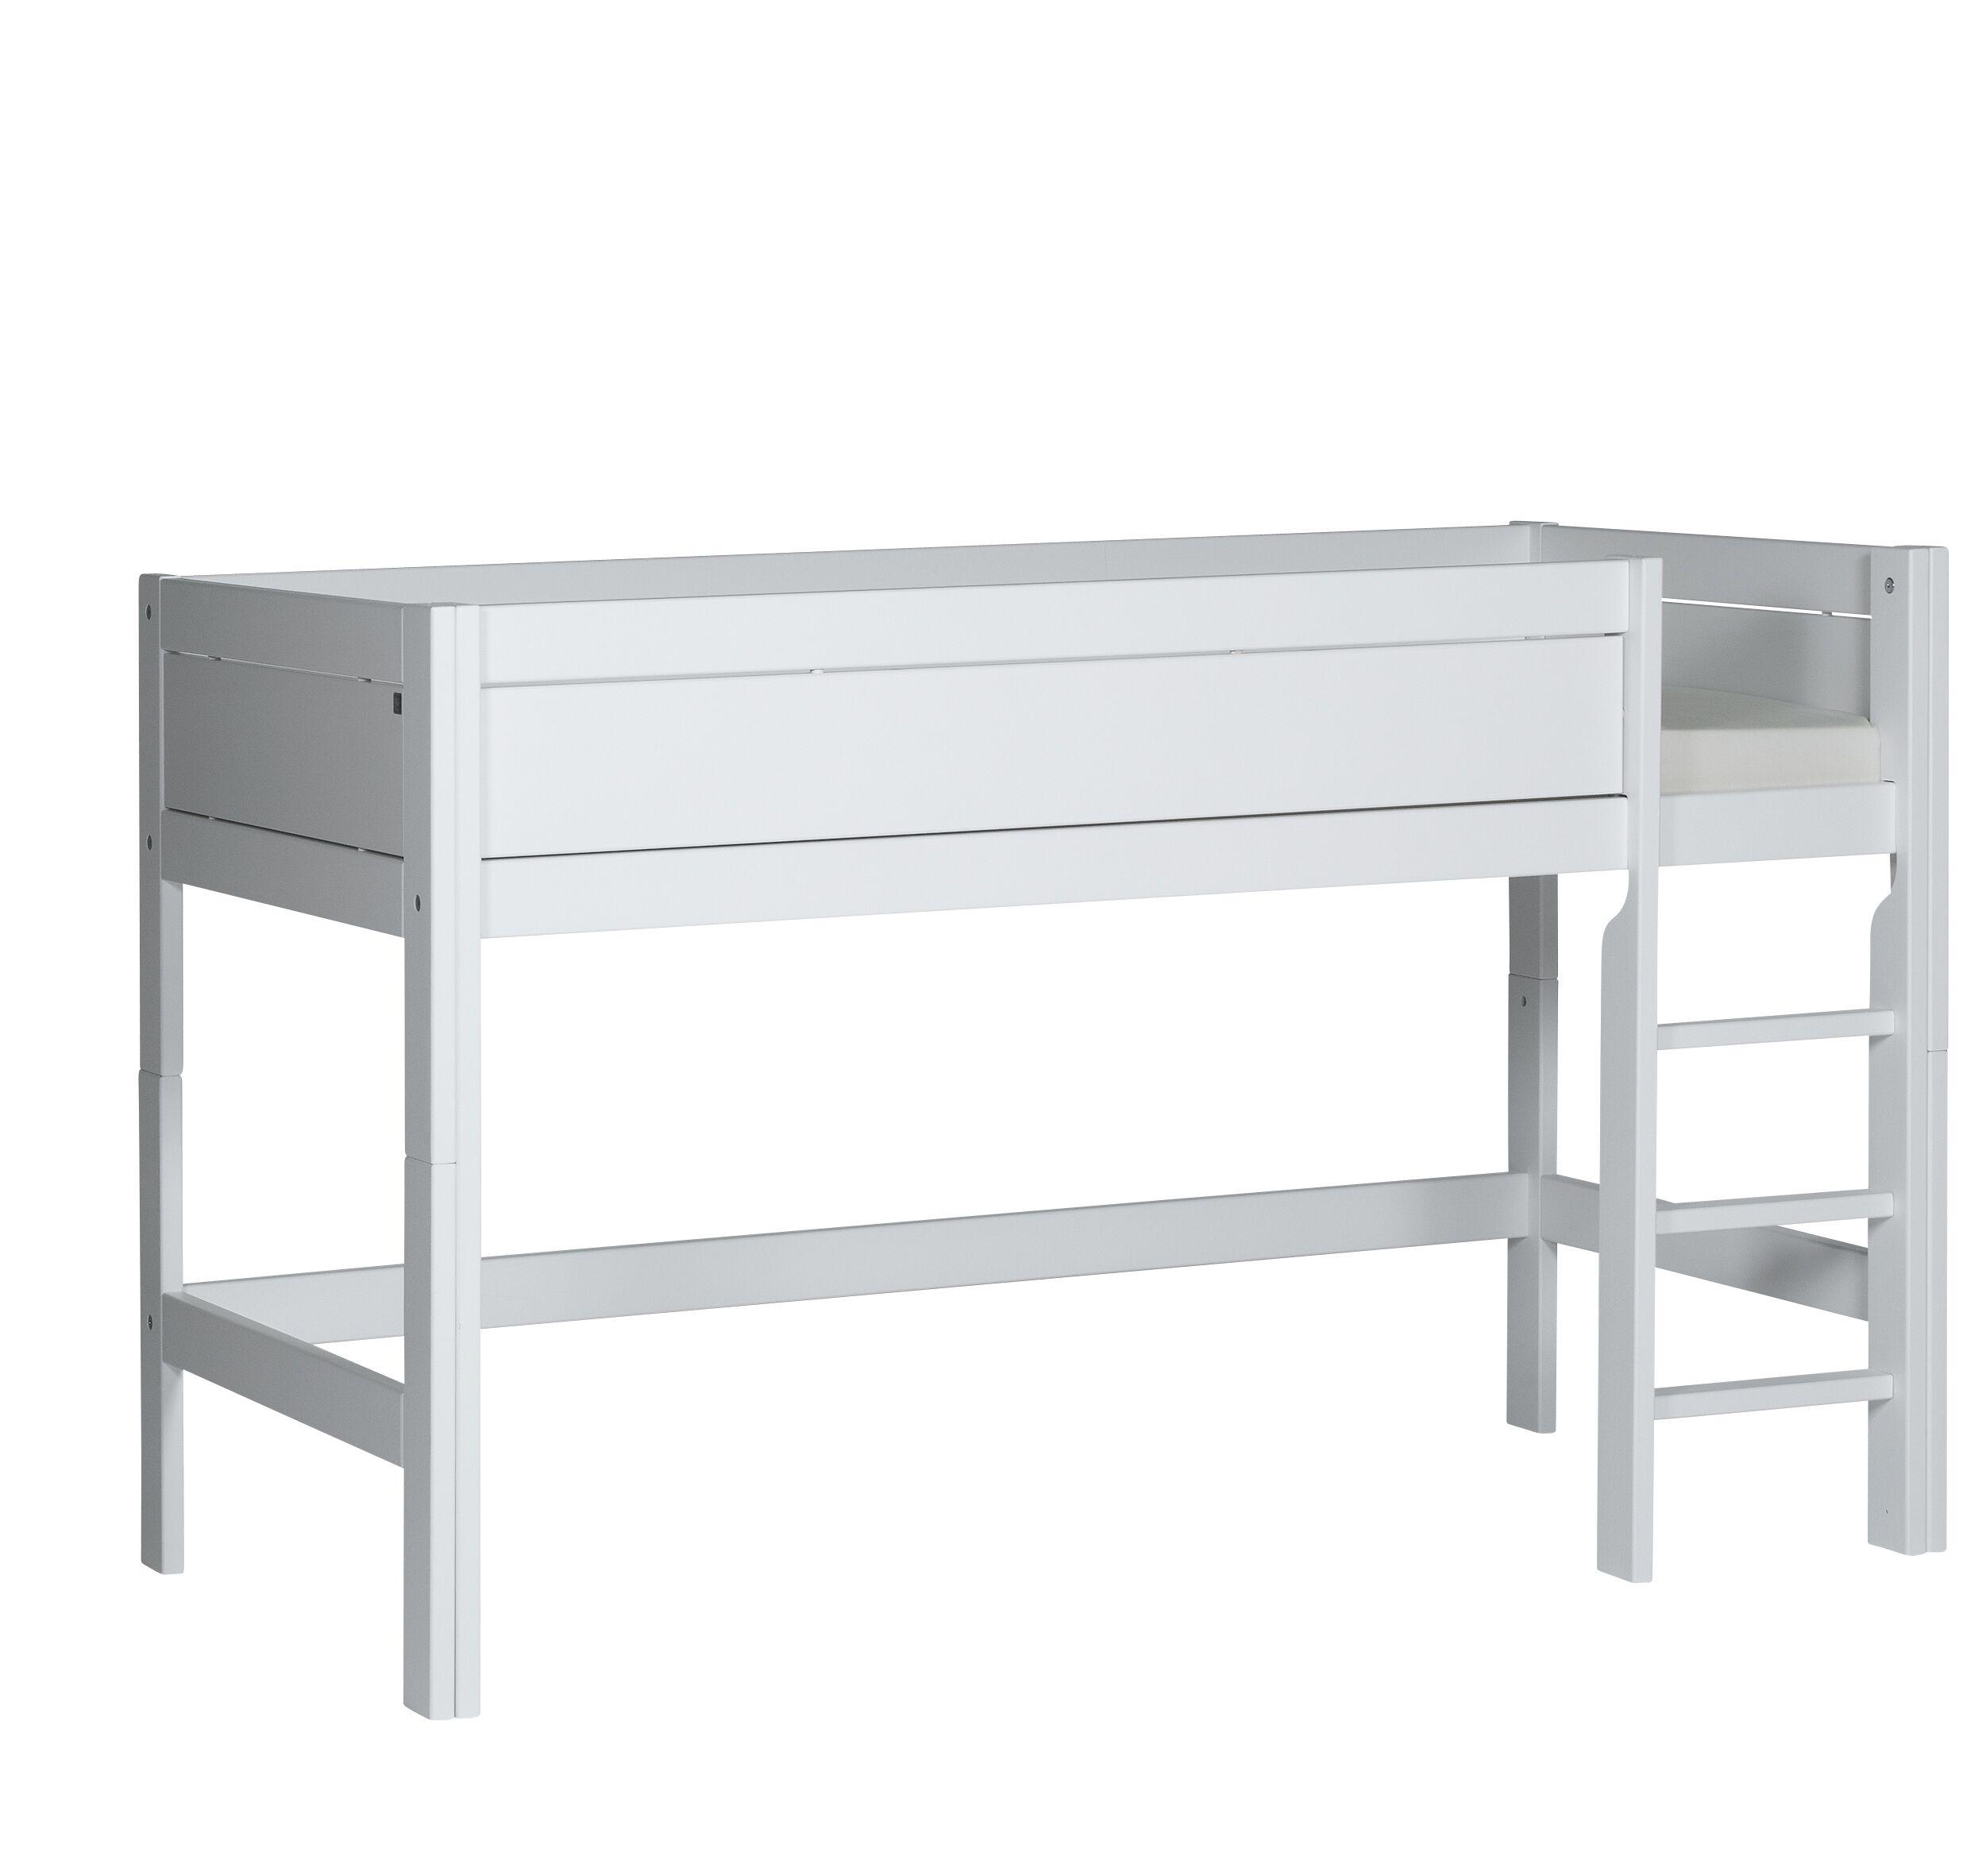 Hochbett Ella 90*200 cm weiß lackiert mit MDF-Füllung LIFETIME inklusive Rollrost